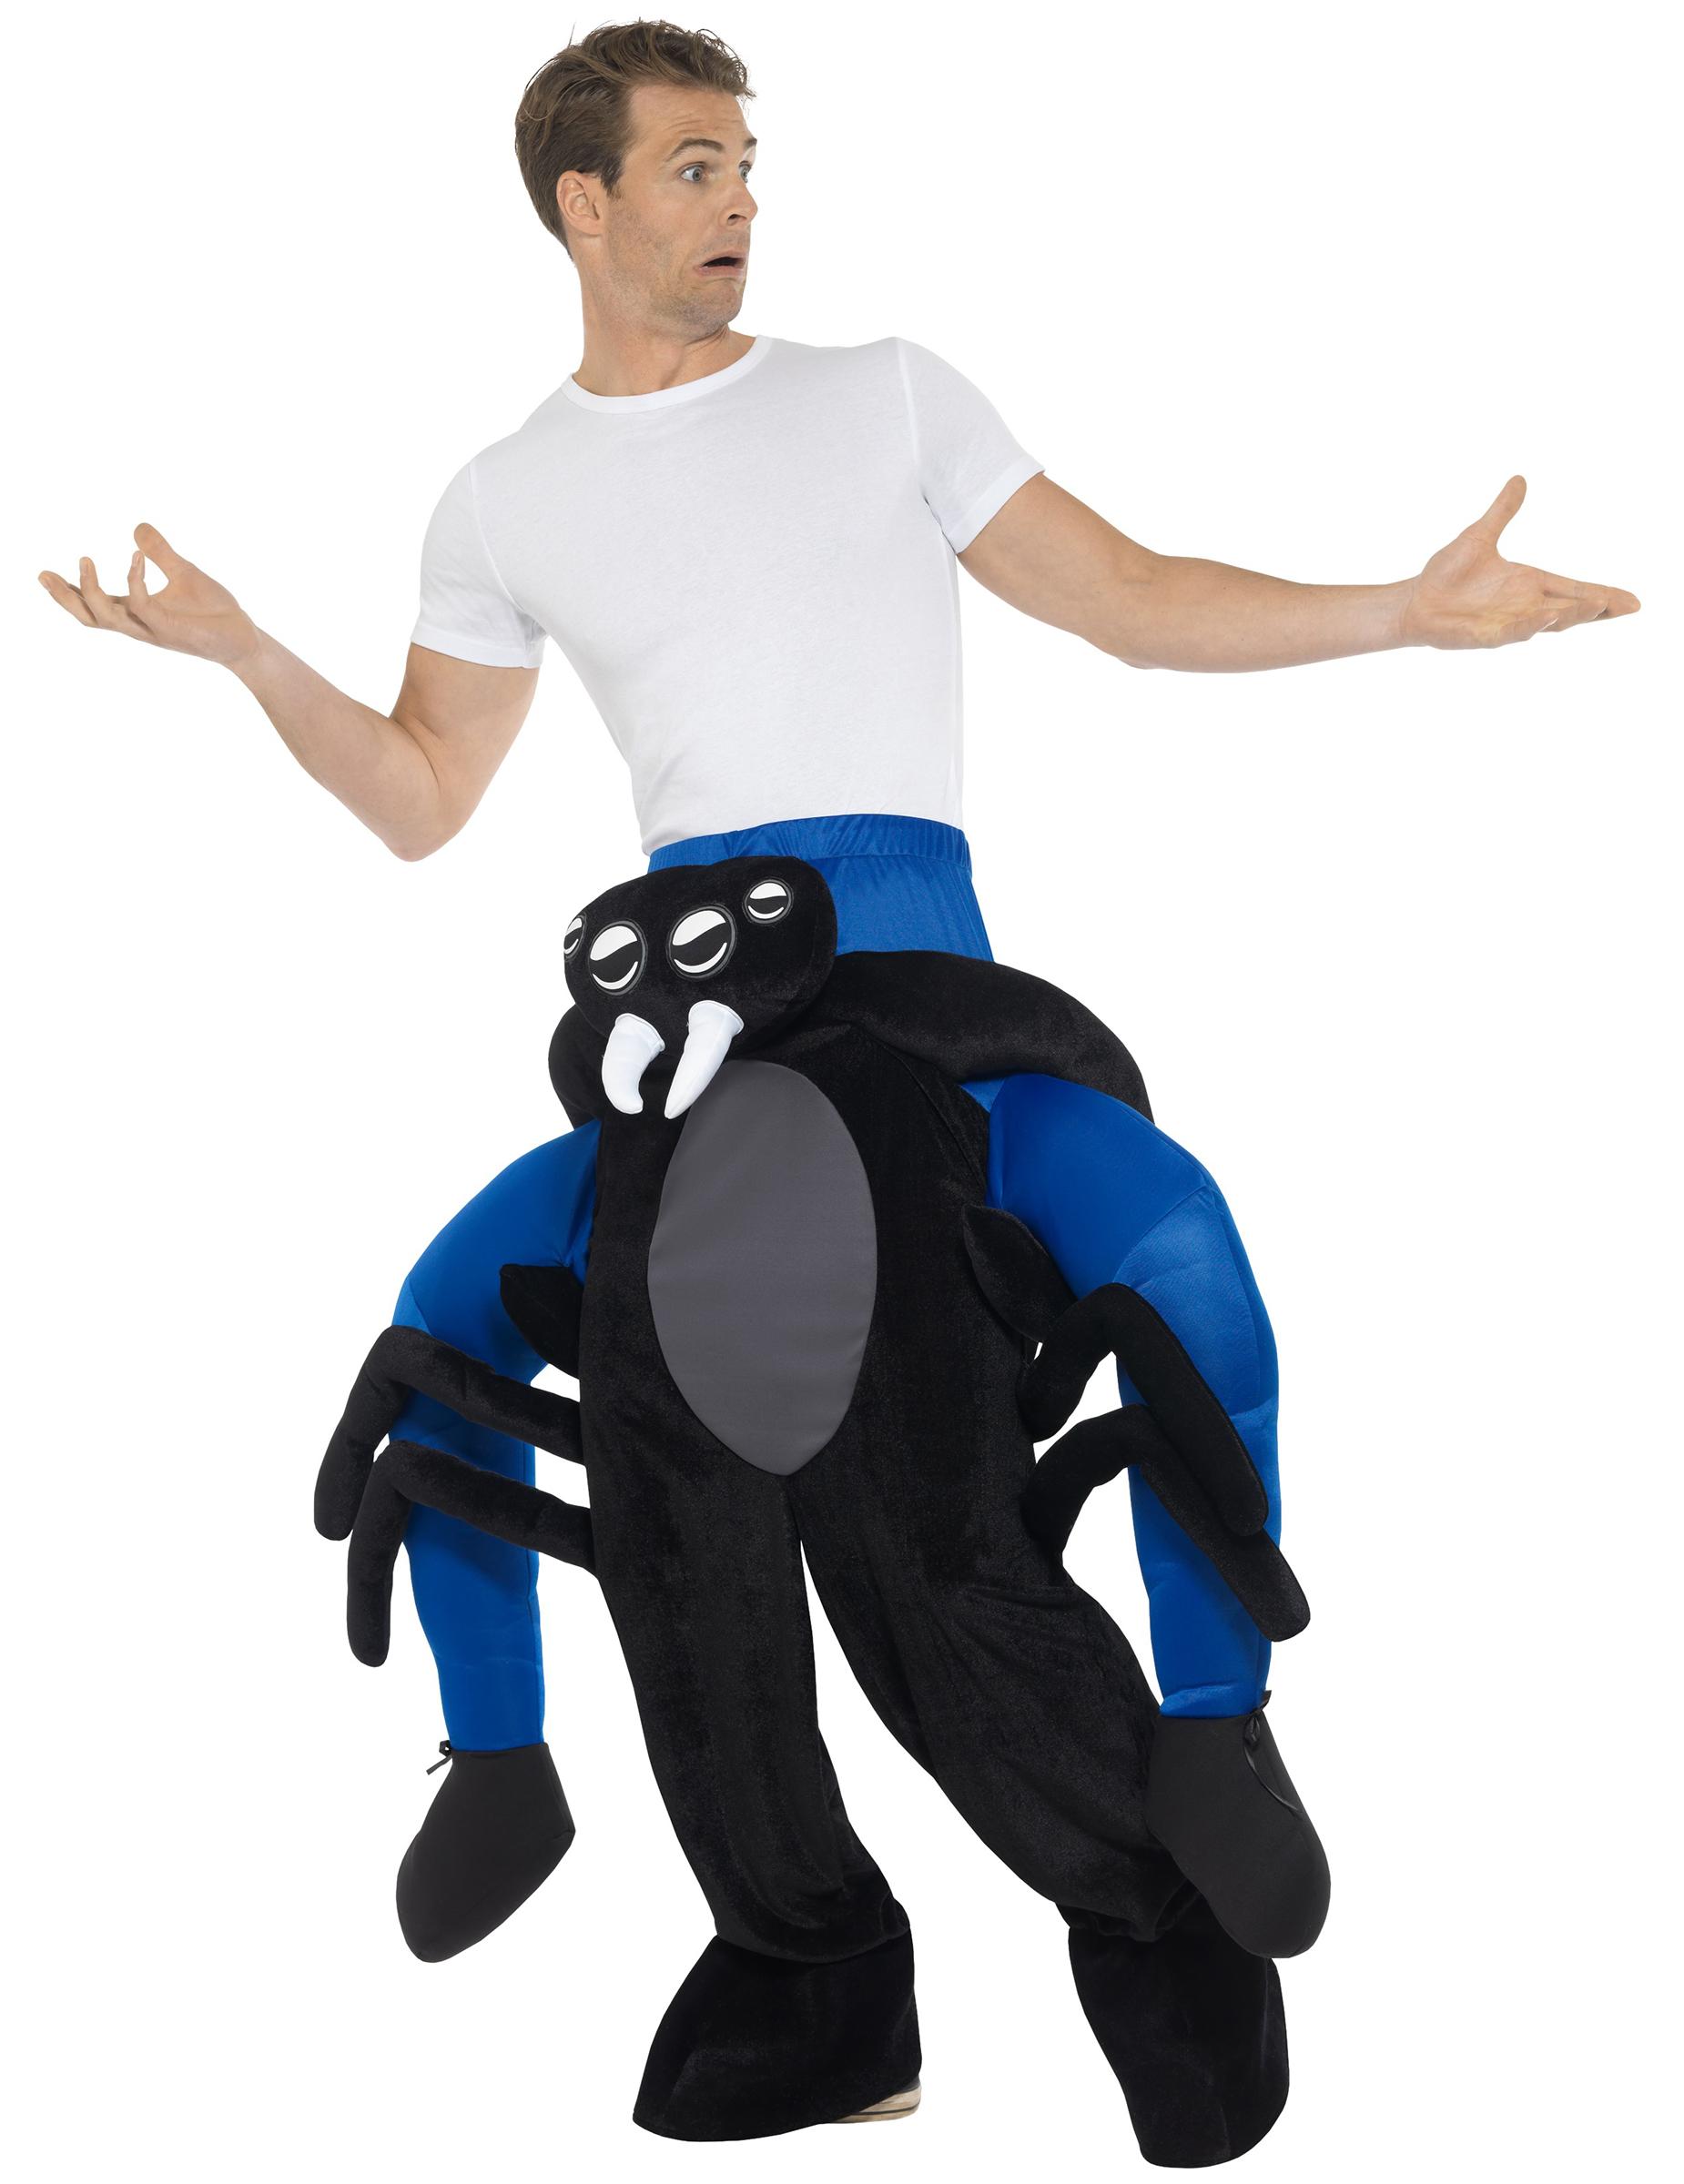 d guisement homme dos d 39 araign e adulte deguise toi achat de d guisements adultes. Black Bedroom Furniture Sets. Home Design Ideas